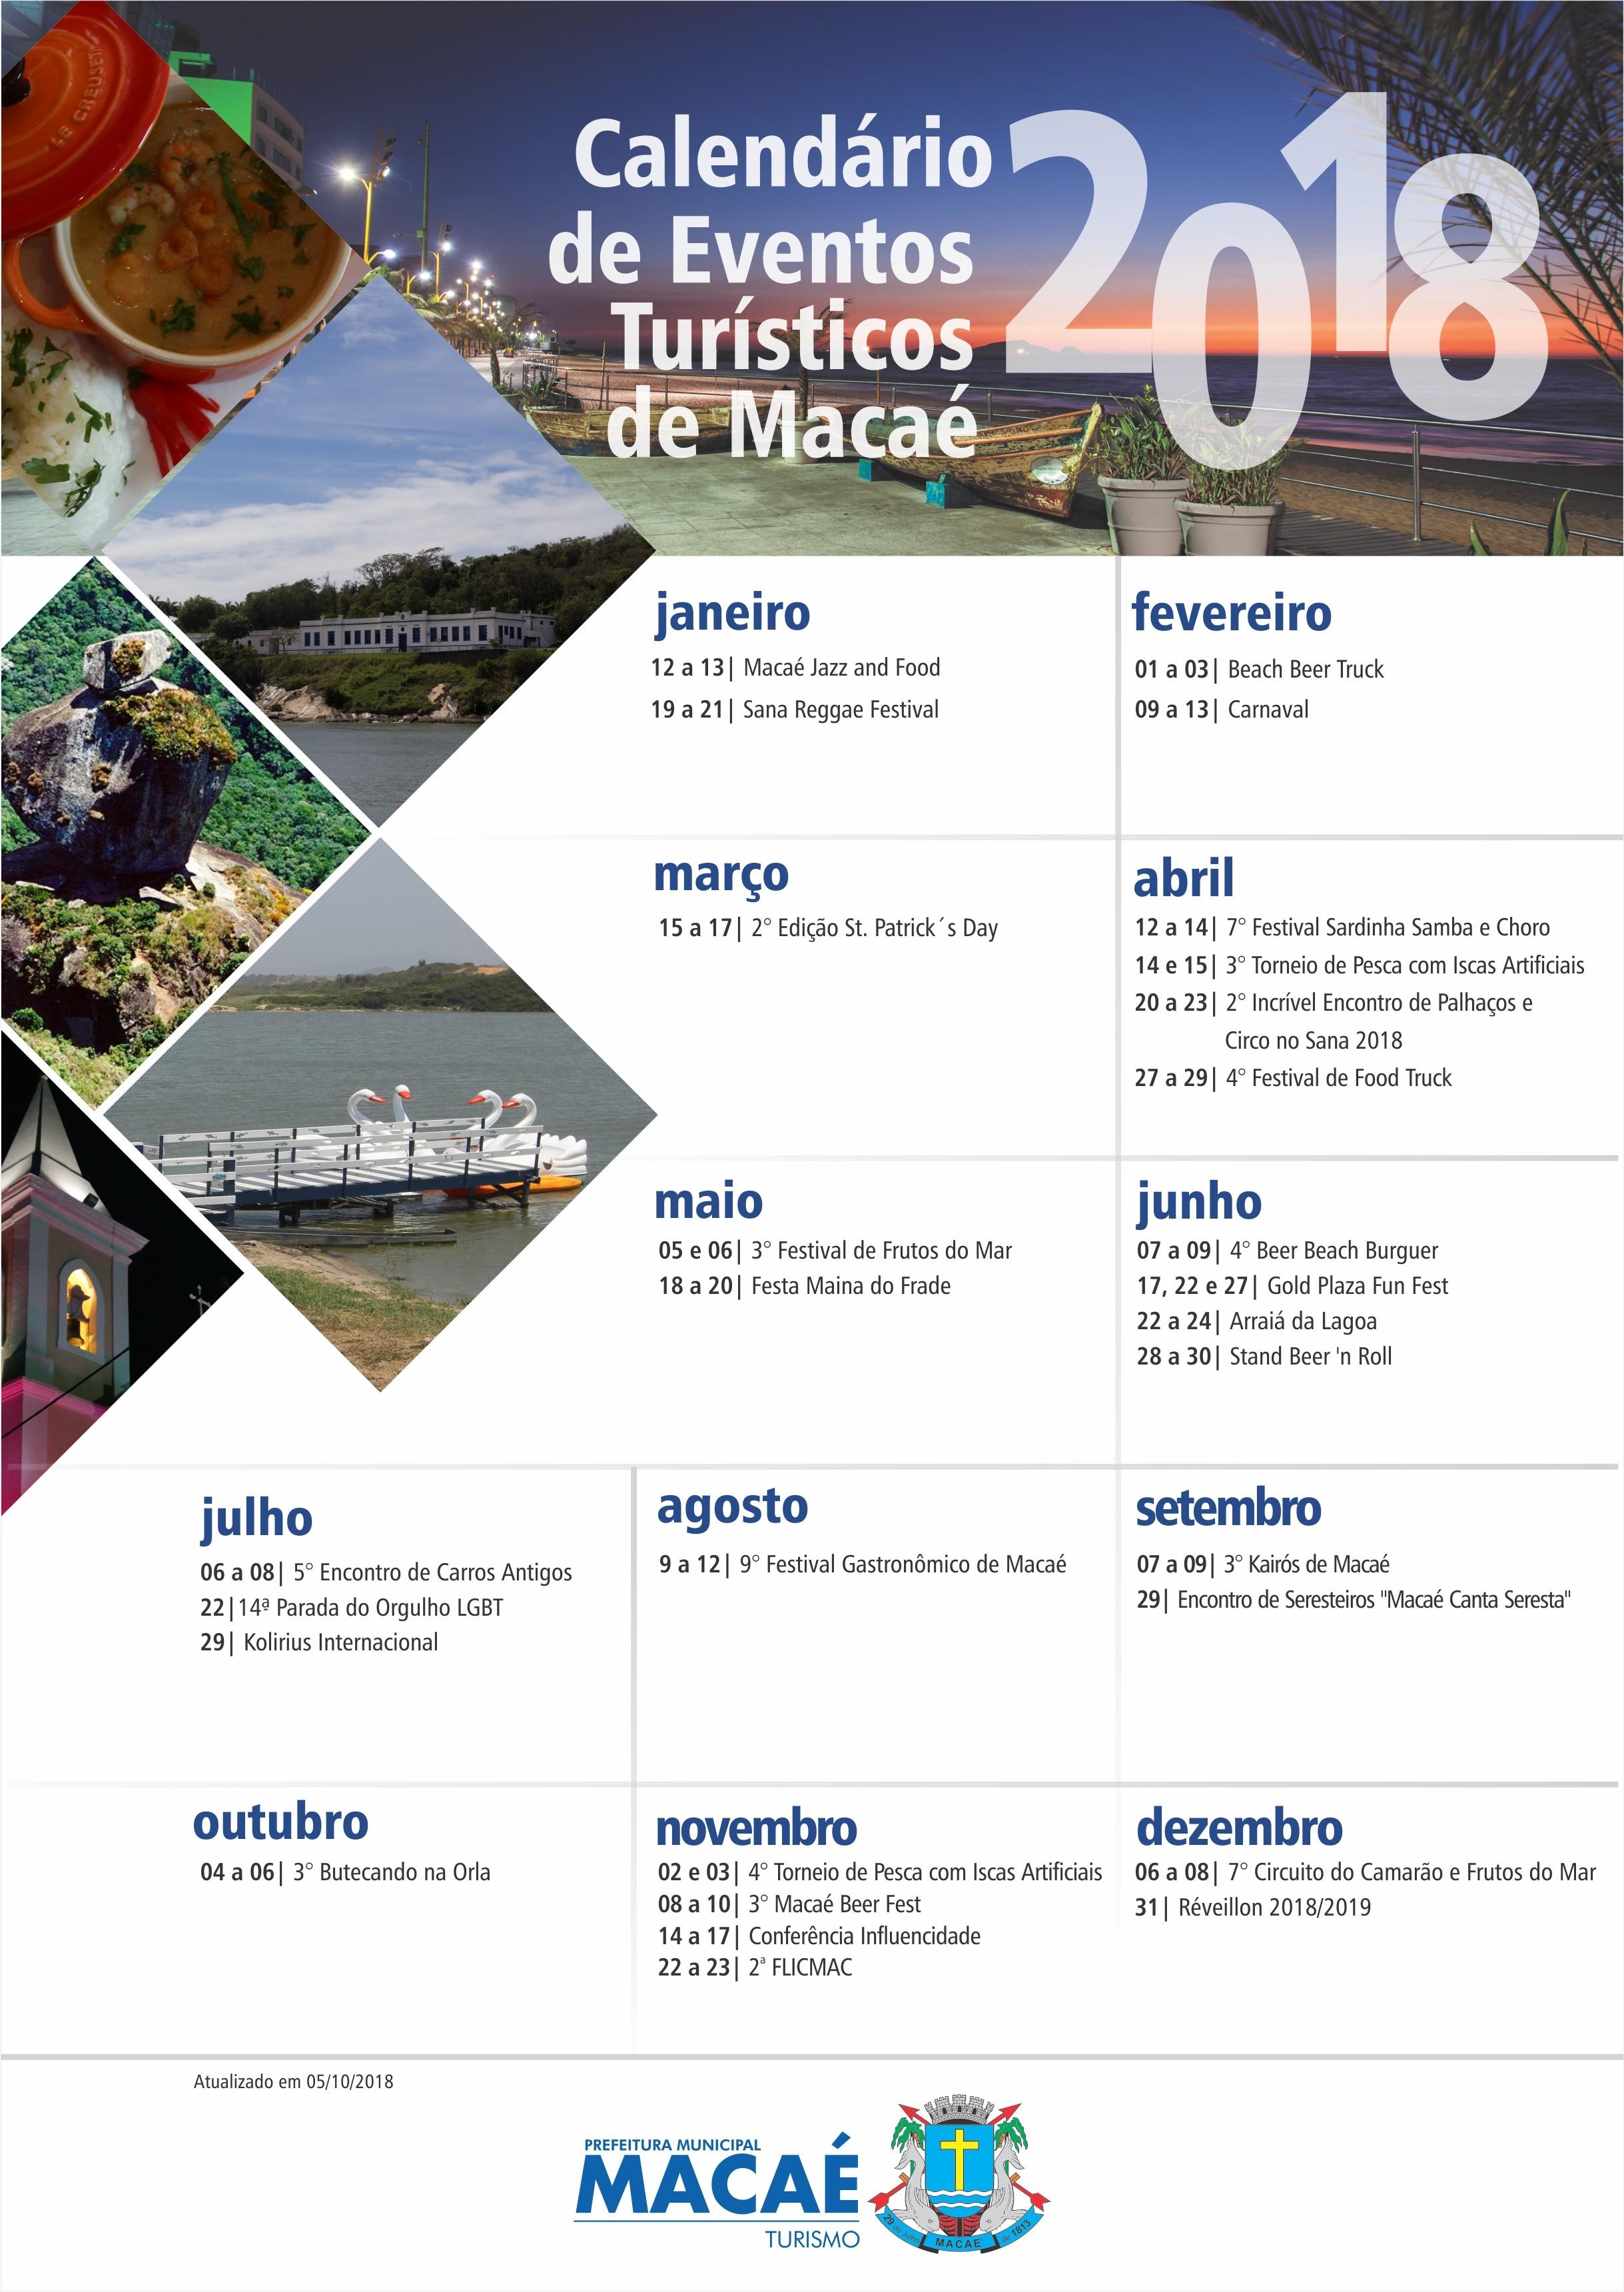 CALENDRIO DE EVENTOS MACAé 2018 OS1718 5